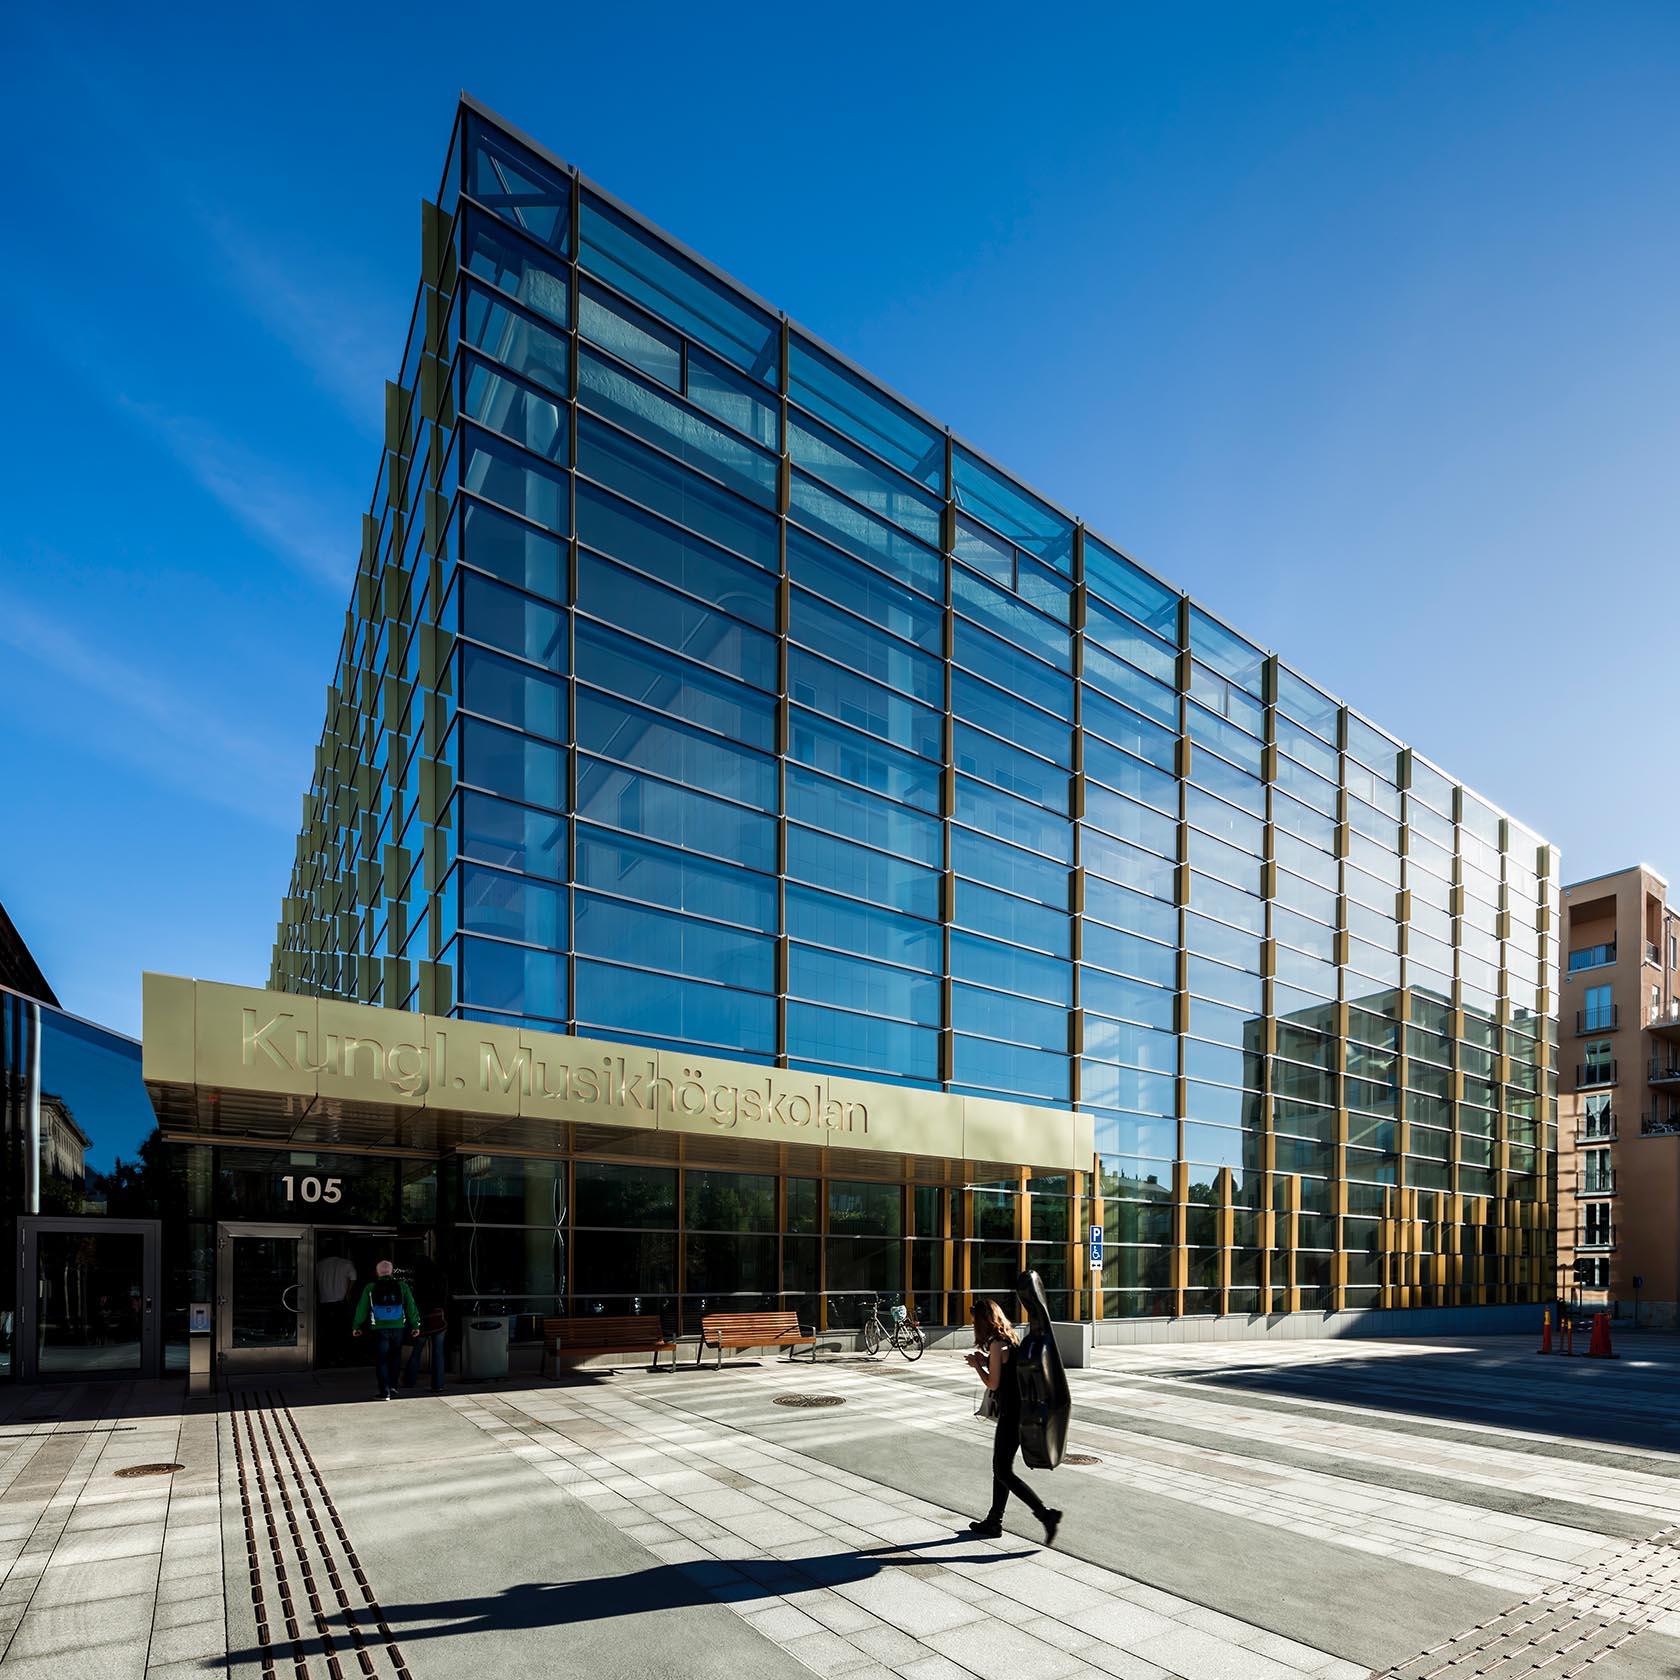 Kungliga Musikhögskolan